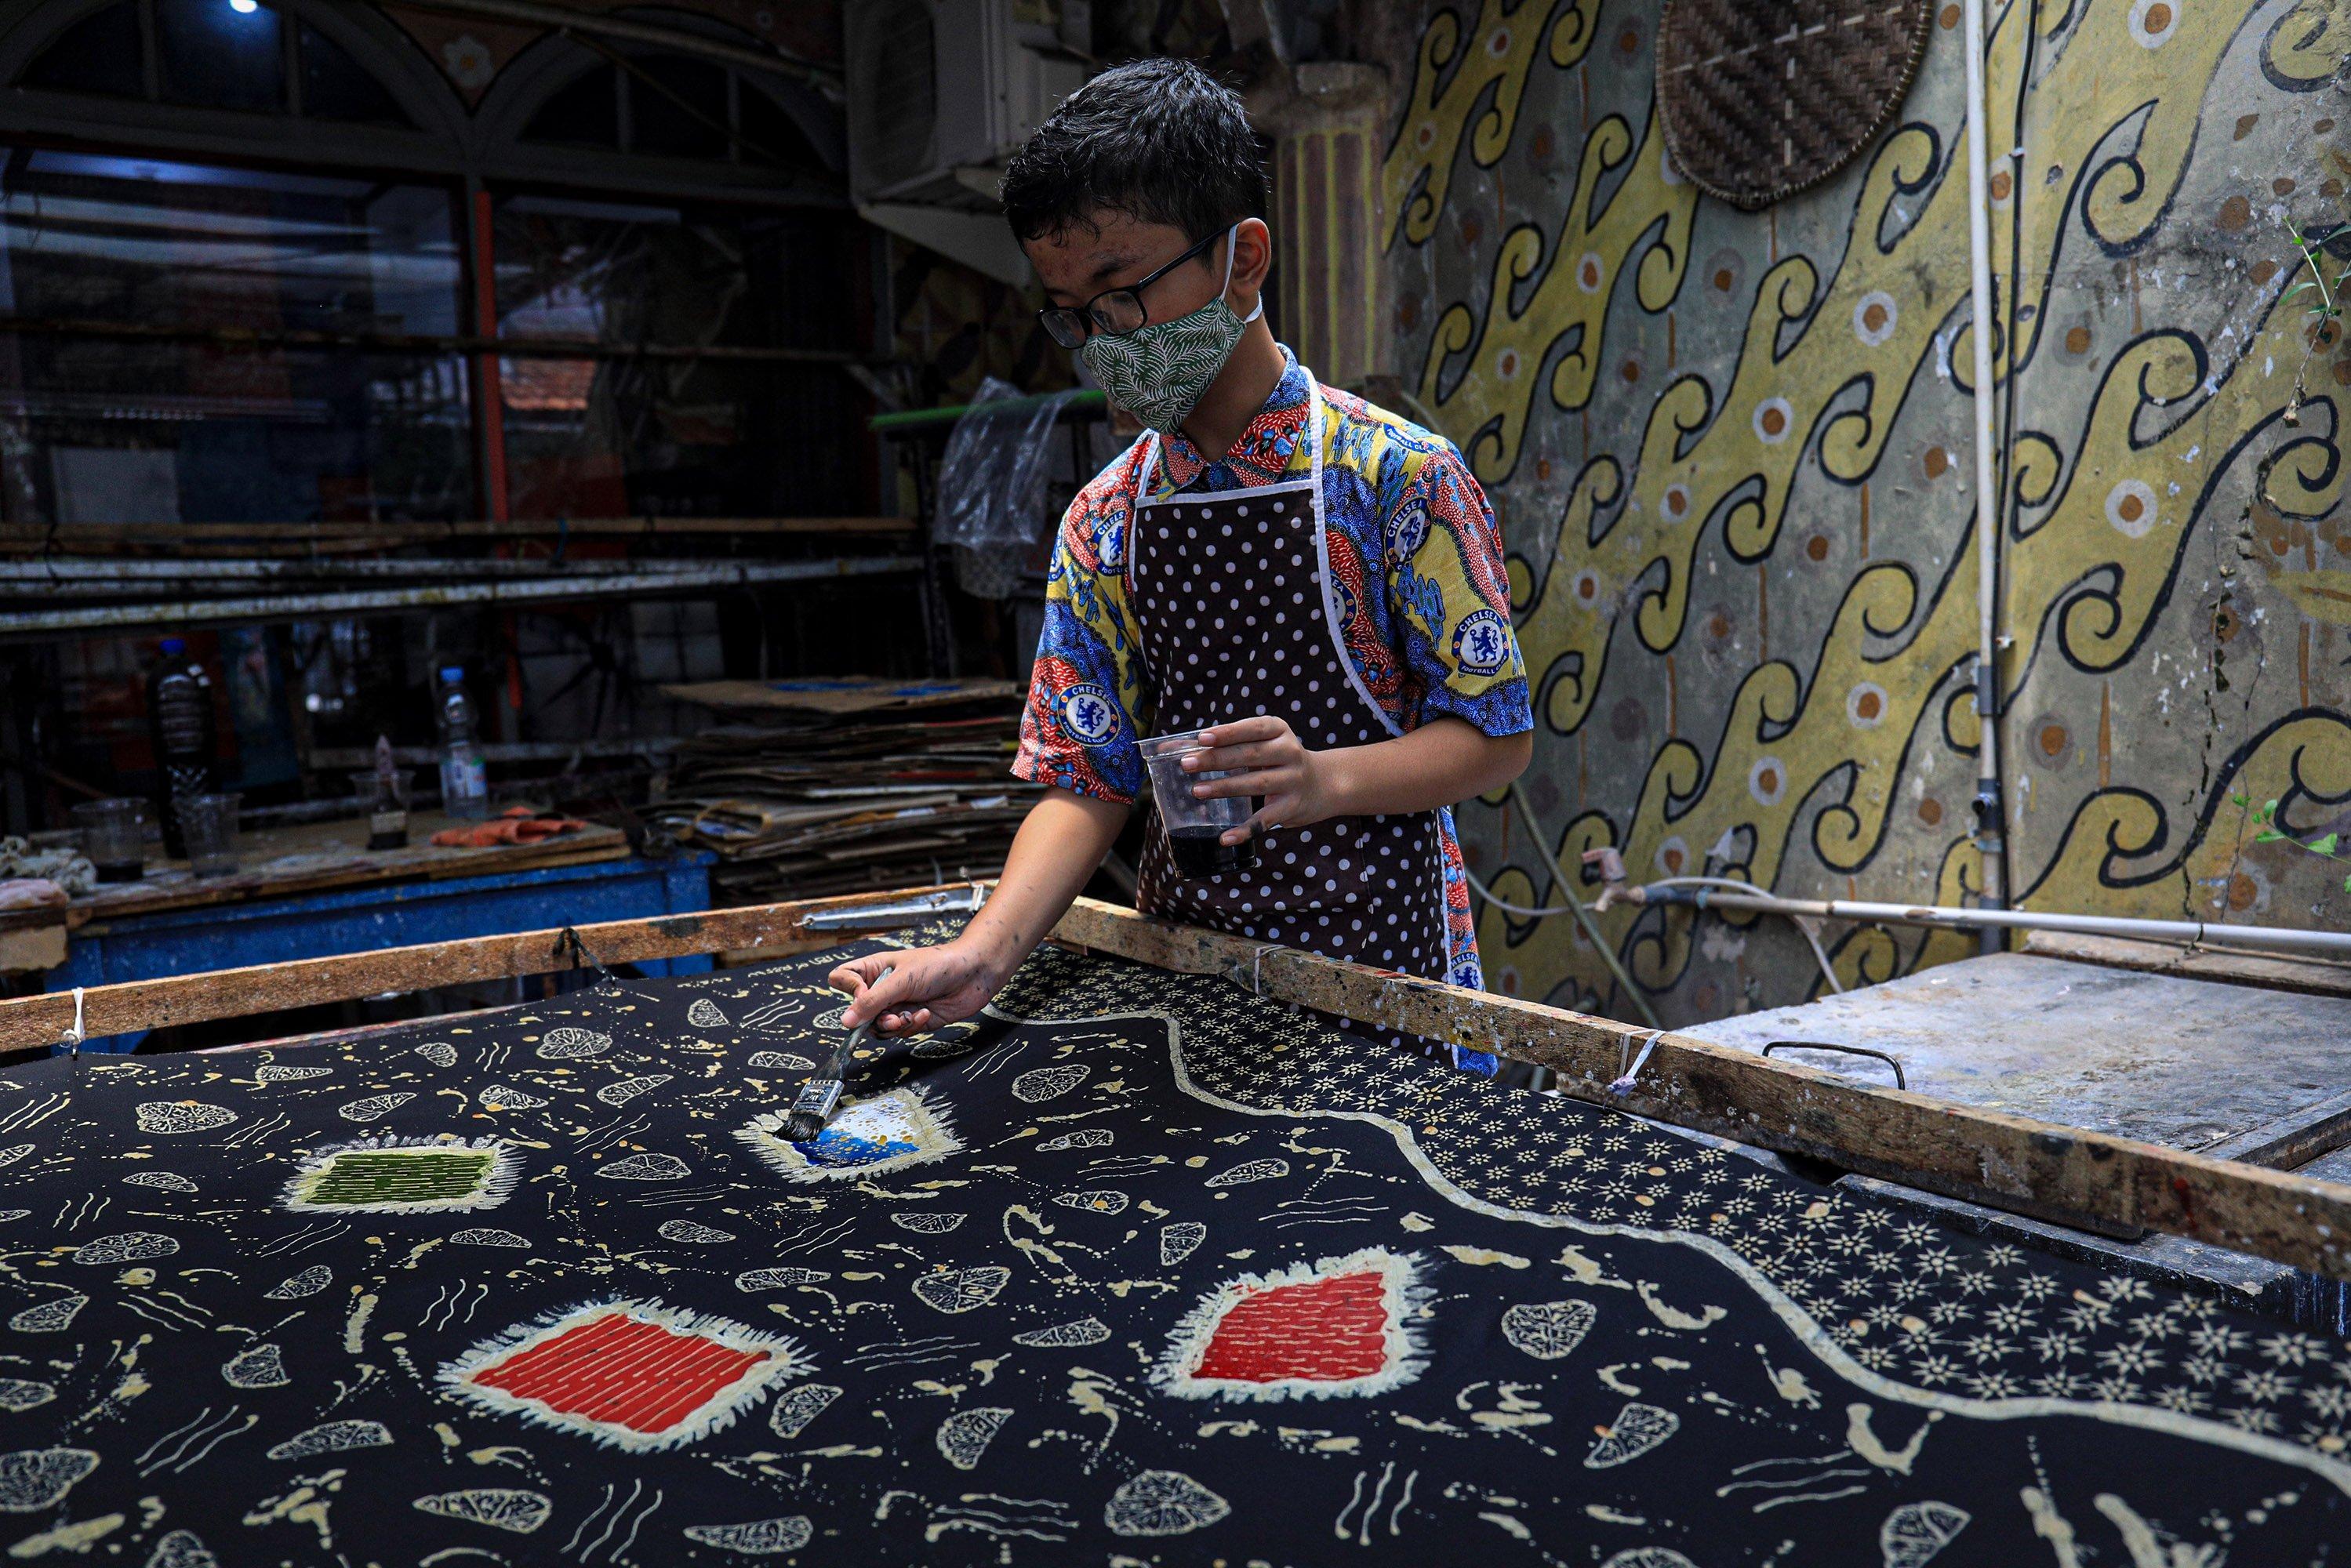 Restu (13), menyelesaikan pembuatan batik di Rumah Batik Palbatu, Jakarta, Rabu (14/10/2020). Rumah Batik Palbatu memberdayakan sejumlah orang berkebutuhan khusus sebagai pengrajin batik, namun menurut pemilik saha, pendapatannya menurun drastisch hingga tak ada pembeli semenjak merebaknya pandemi COVID-19.